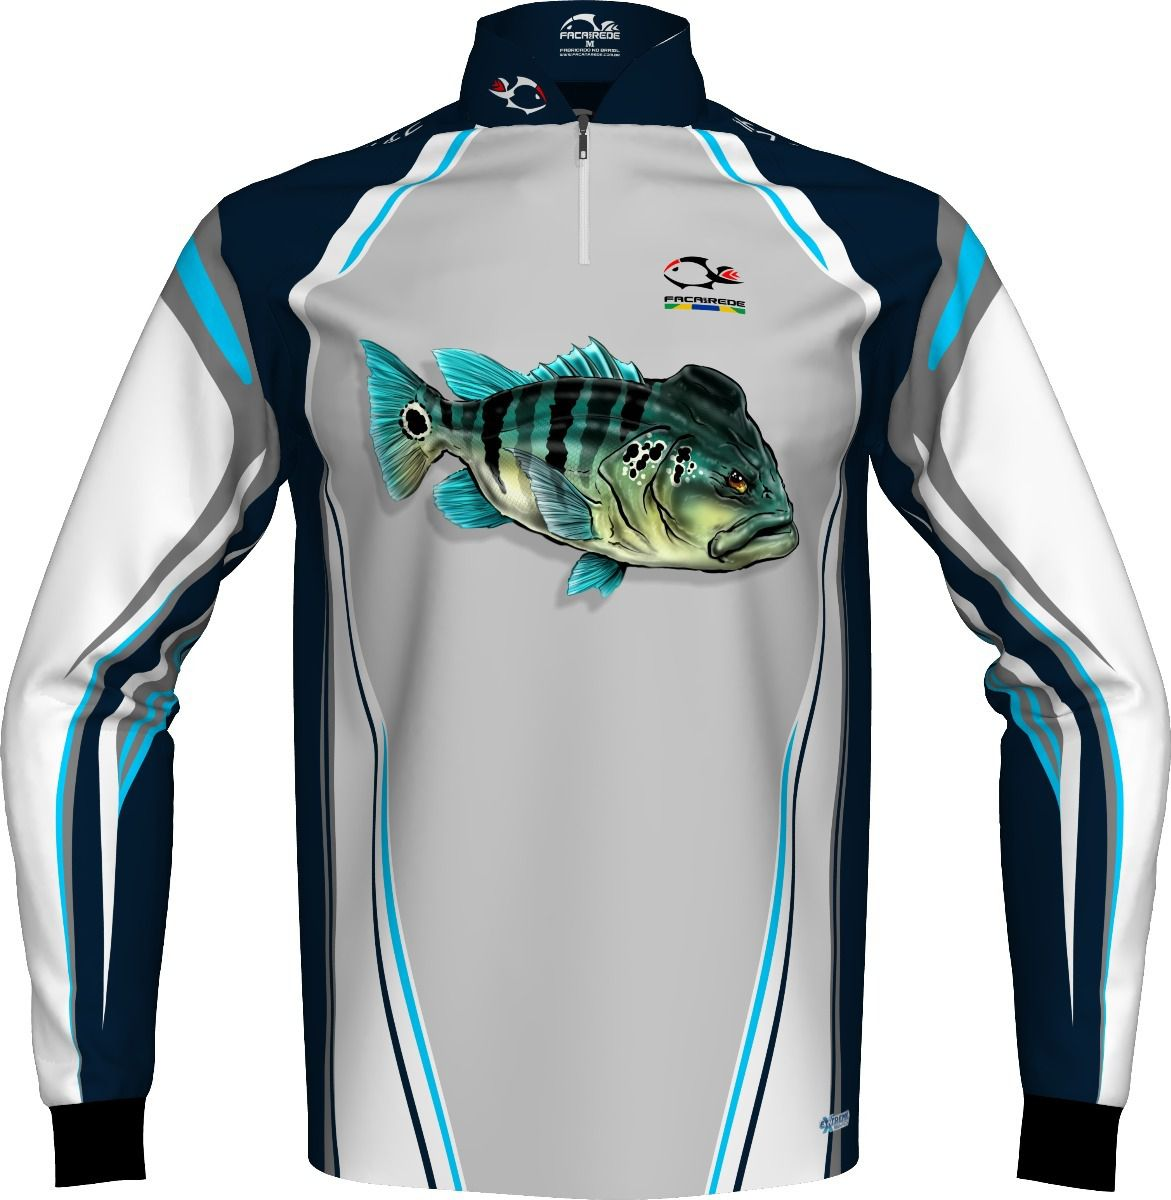 Camiseta de Pesca Faca na Rede EVO Tucunaré Azul  - Life Pesca - Sua loja de Pesca, Camping e Lazer